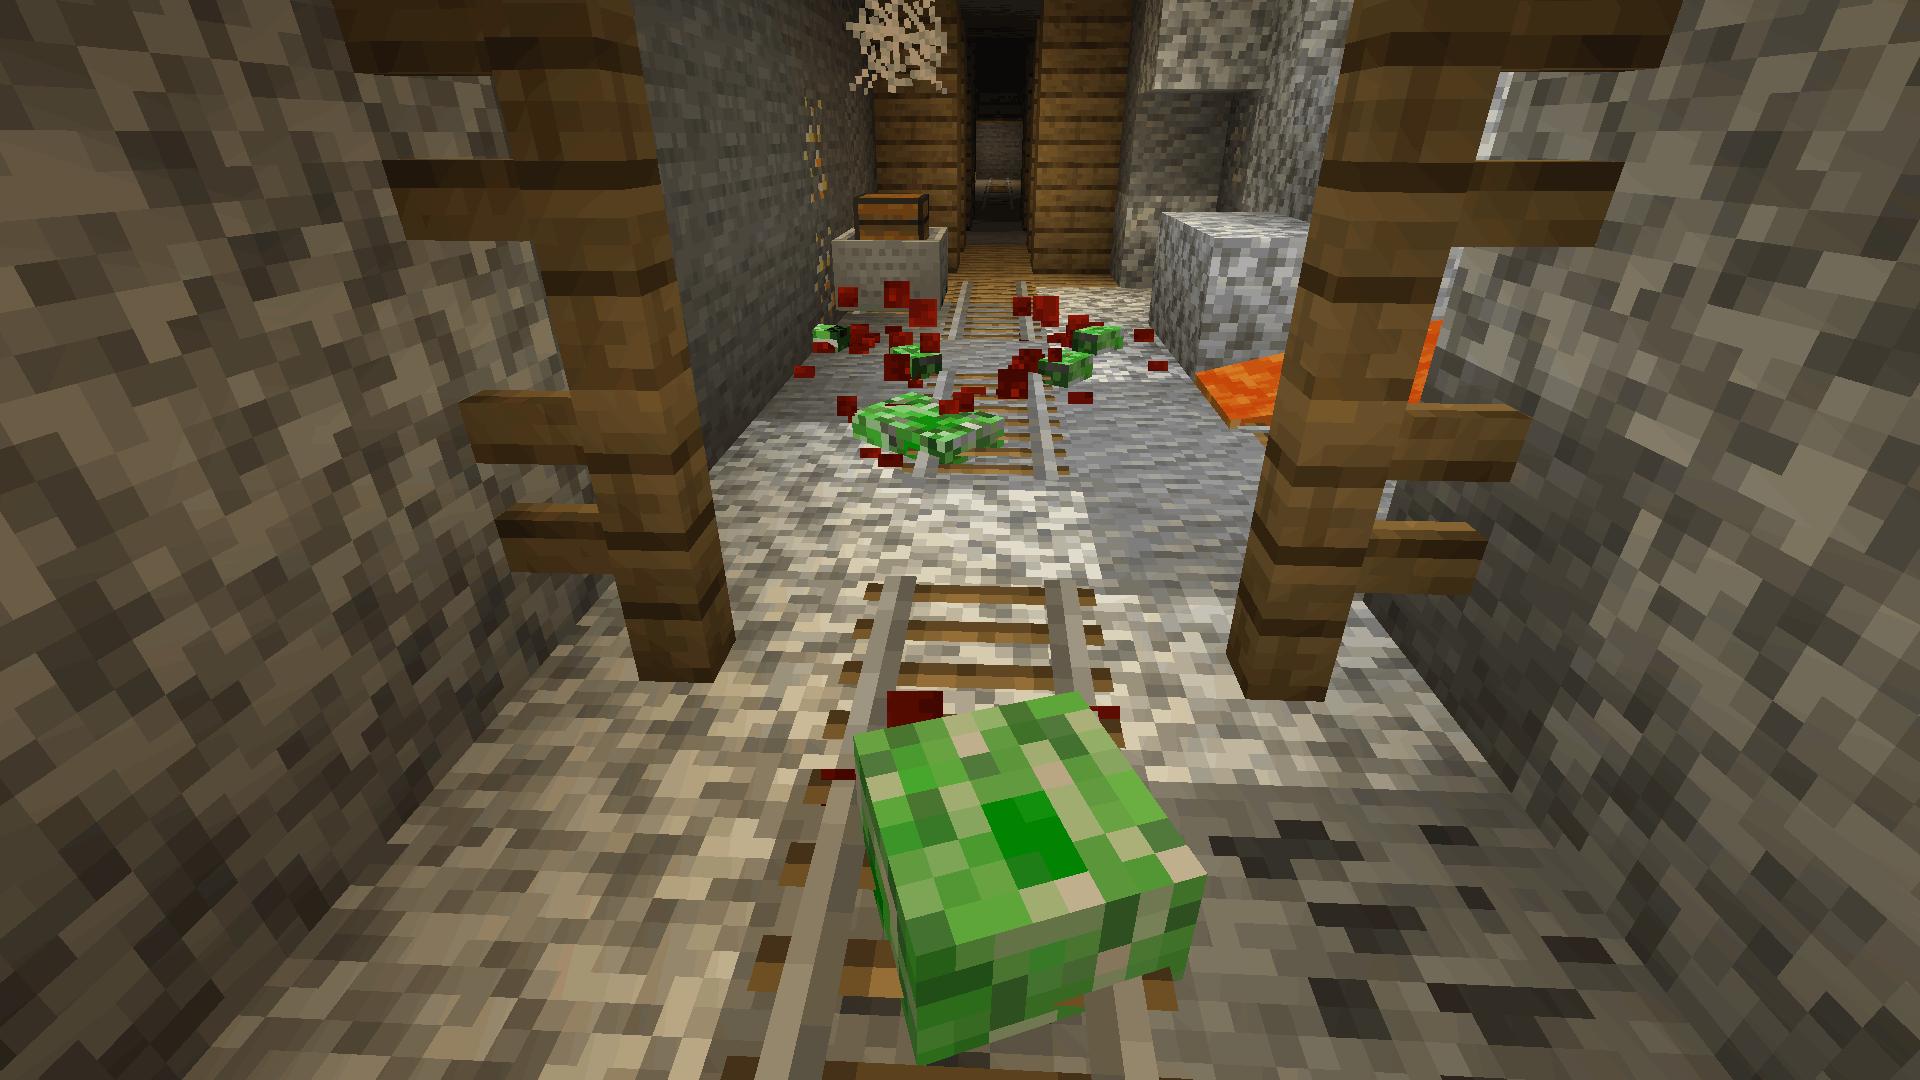 Creeper in mineshaft